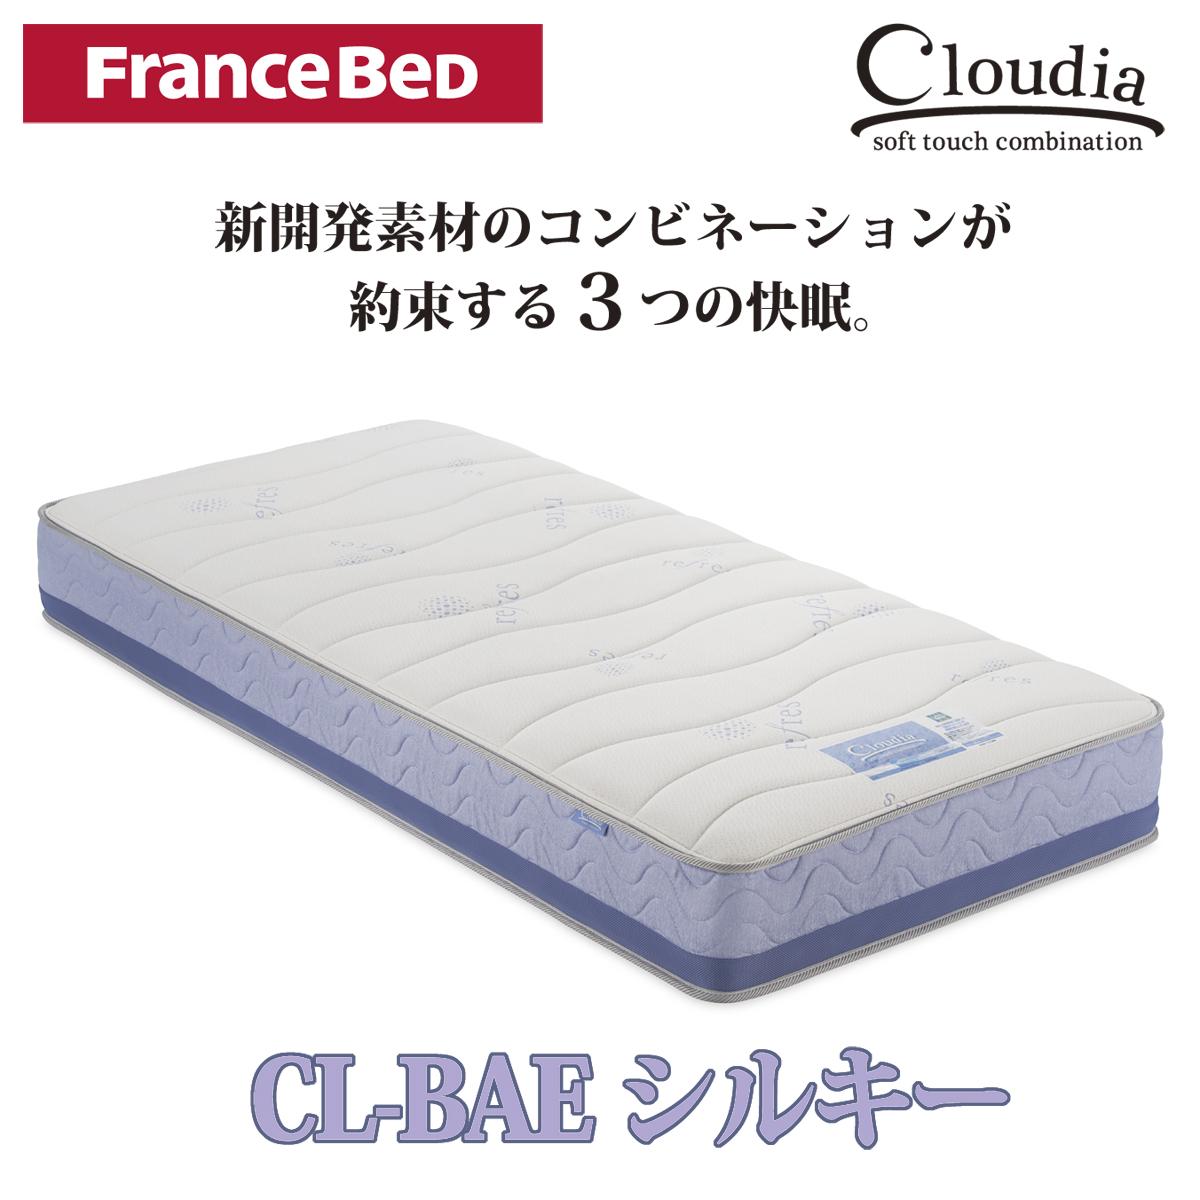 【送料無料】フランスベッド シングルマットレス Cloudia CL-BAEシルキー | 寝具 フランスベット フランス ベッド シングル マットレス ベッドマットレス ベッドマット ベットマット スプリングマットレス スプリング シングルマット ベット マット シングルベッド